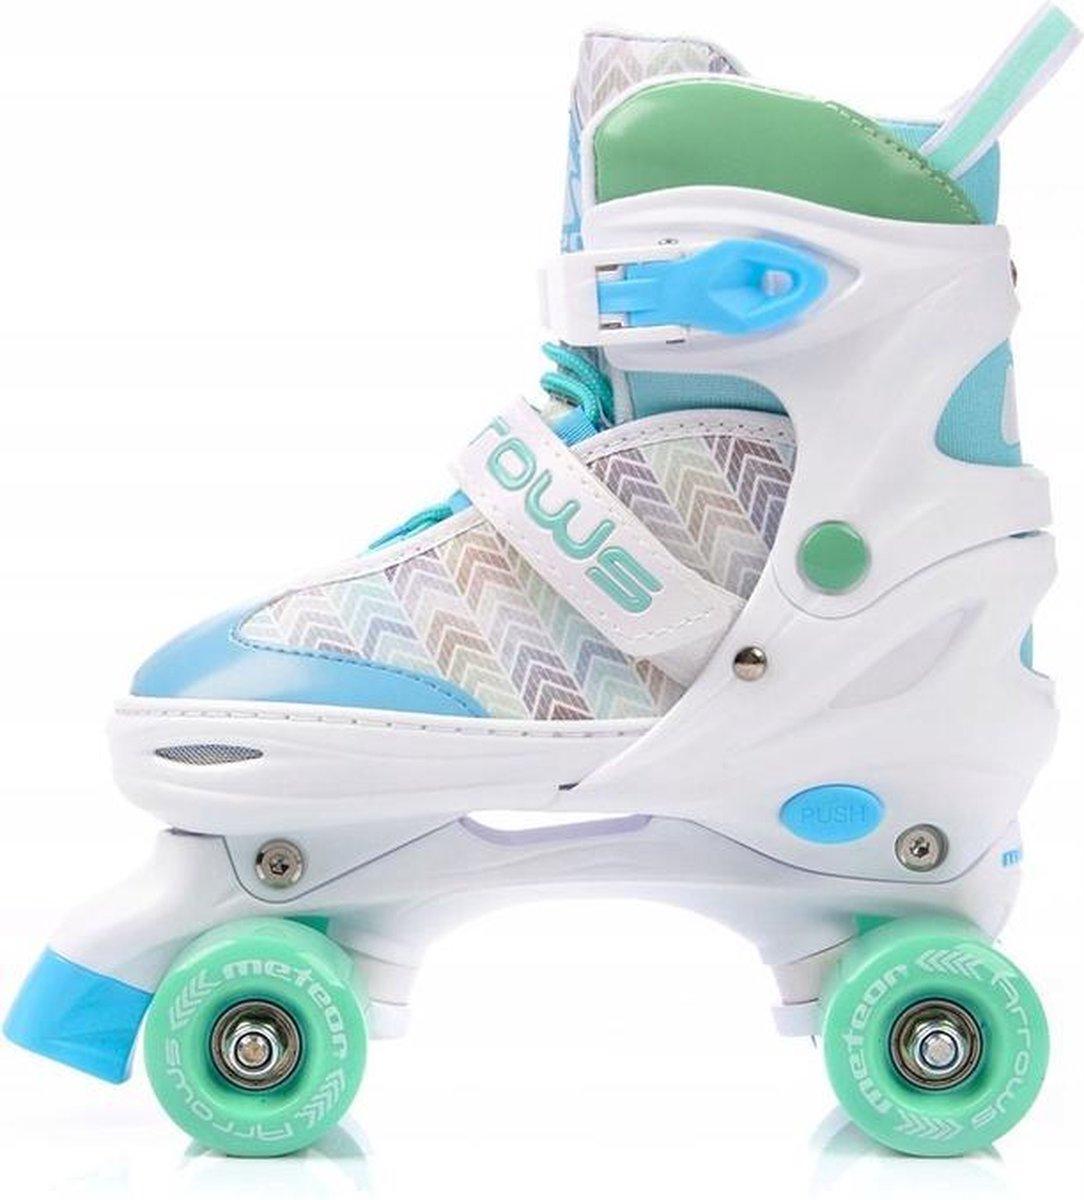 * Meteor * rolschaatsen * mint groen/licht blauw * Summer * maat: 39-42 *